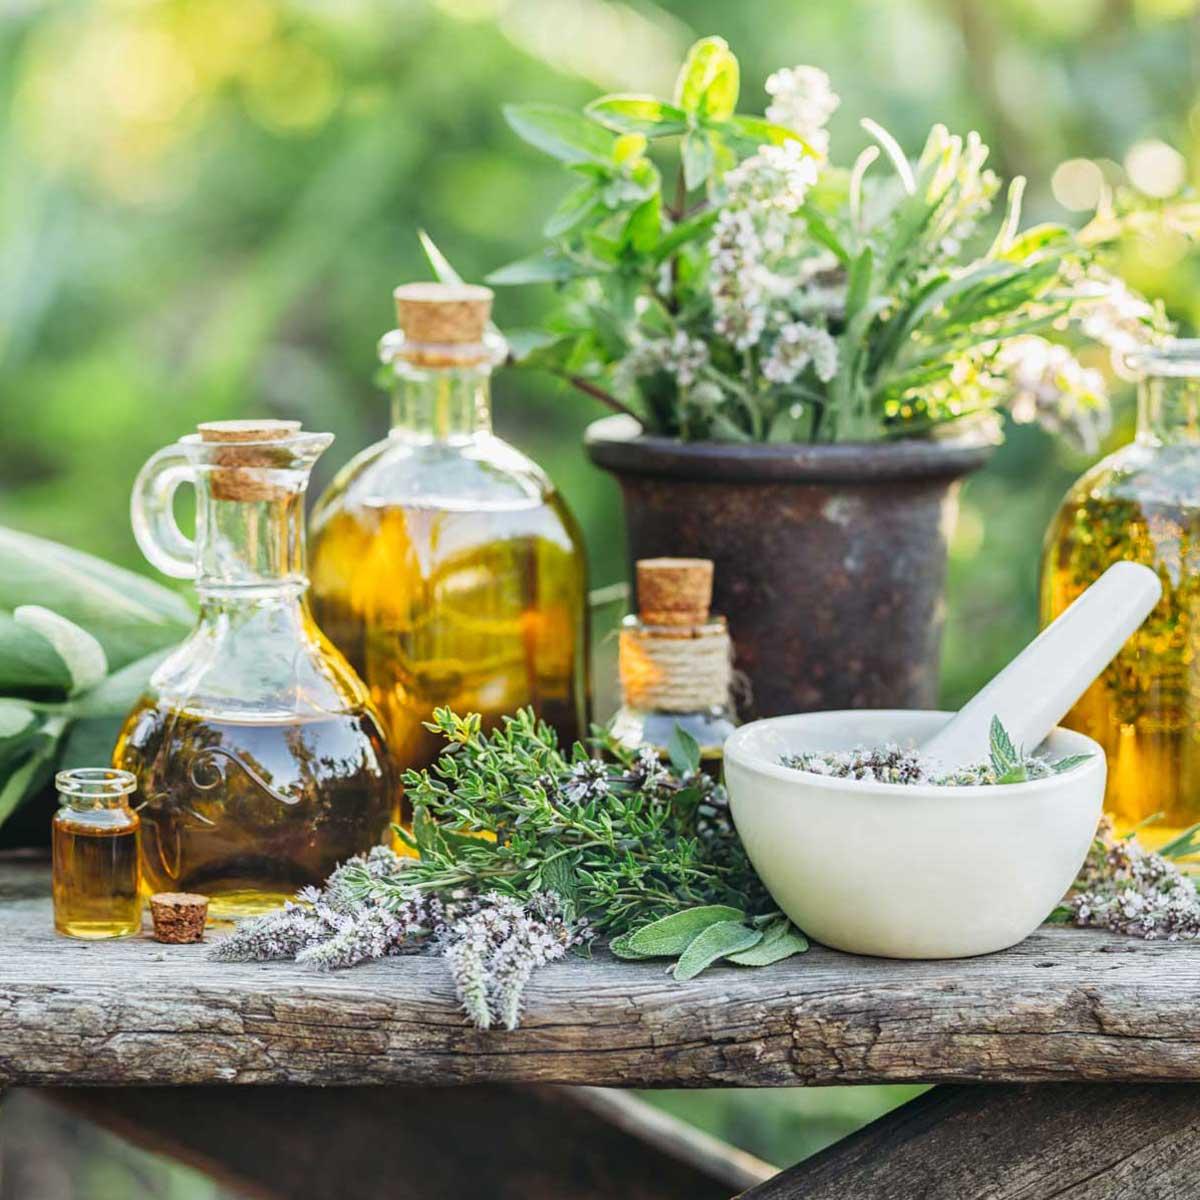 Aromatiche e officinali insolite,  la salute a portata di mano